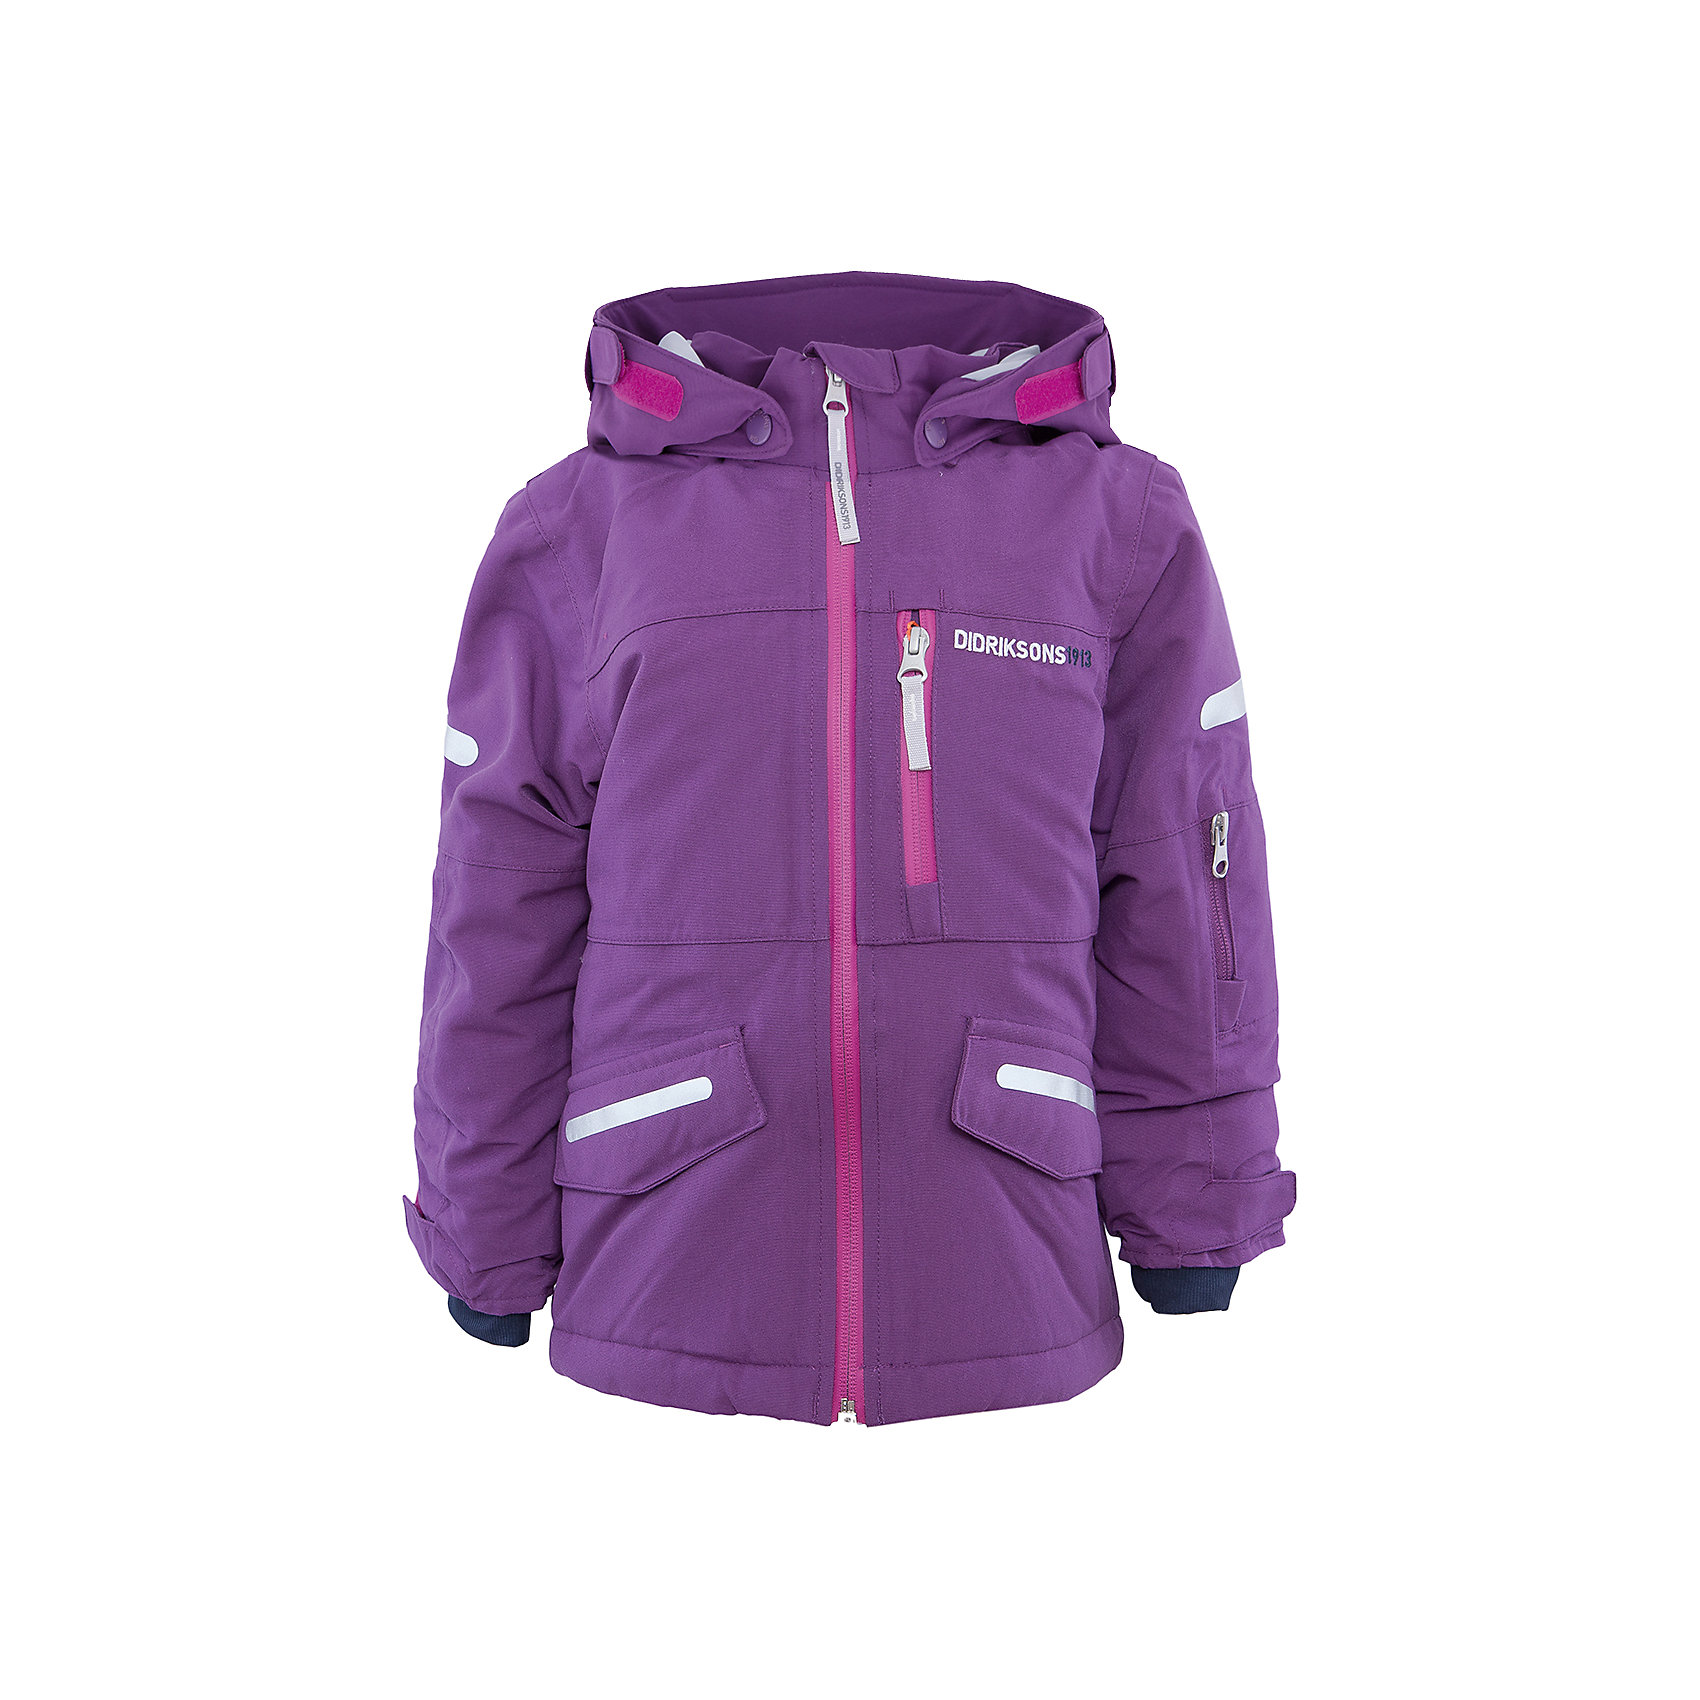 Куртка для девочки DIDRIKSONSВерхняя одежда<br>Характеристики товара:<br><br>• цвет: фиолетовый<br>• материал: 100% полиамид, подкладка 100% полиэстер<br>• утеплитель: 140 г/м<br>• сезон: зима<br>• температурный режим от +5 до -20С<br>• непромокаемая и непродуваемая мембранная ткань<br>• на спине подкладка из искусственного меха<br>• дополнительная пропитка верха<br>• прокленные швы<br>• регулируемый съемный капюшон<br>• манжеты и низ регулируется<br>• петли для крепления варежек<br>• трикотажные манжеты<br>• фронтальная молния под планкой<br>• светоотражающие детали<br>• можно увеличить длину рукавов на один размер <br>• страна бренда: Швеция<br>• страна производства: Бангладеш<br><br>Такие куртки сейчас на пике молодежной моды! Это не только стильно, но еще и очень комфортно, а также тепло. Эта качественная куртка обеспечит ребенку удобство при прогулках и активном отдыхе в межсезонье. Такая модель от шведского производителя легко трансформируется под рост ребенка и погодные условия.<br>Куртка сшита из мембранной ткани, которая позволяет телу дышать, но при этом не промокает и не продувается. Очень стильная и удобная модель! Изделие качественно выполнено, сделано из безопасных для детей материалов. <br><br>Куртку для девочки от бренда DIDRIKSONS можно купить в нашем интернет-магазине.<br><br>Ширина мм: 356<br>Глубина мм: 10<br>Высота мм: 245<br>Вес г: 519<br>Цвет: розовый<br>Возраст от месяцев: 48<br>Возраст до месяцев: 60<br>Пол: Женский<br>Возраст: Детский<br>Размер: 110,100,90,80,140,130,120<br>SKU: 5043900